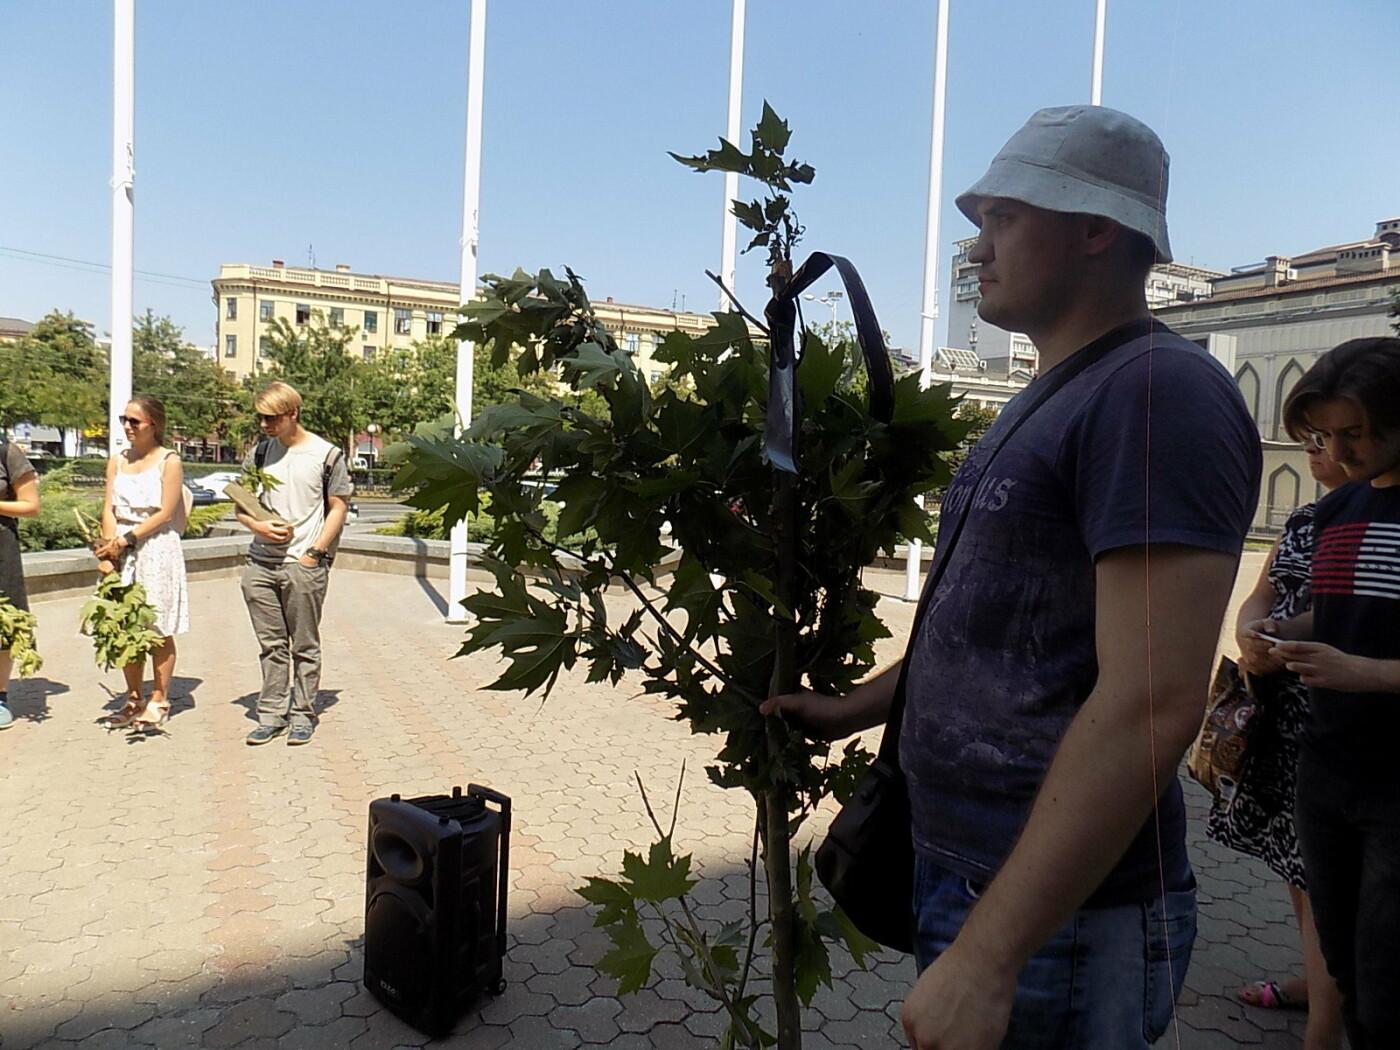 В Днепре провели «похороны» деревьев с Короленко: последние деревья срубили, пока город спал, - ФОТО, фото-19